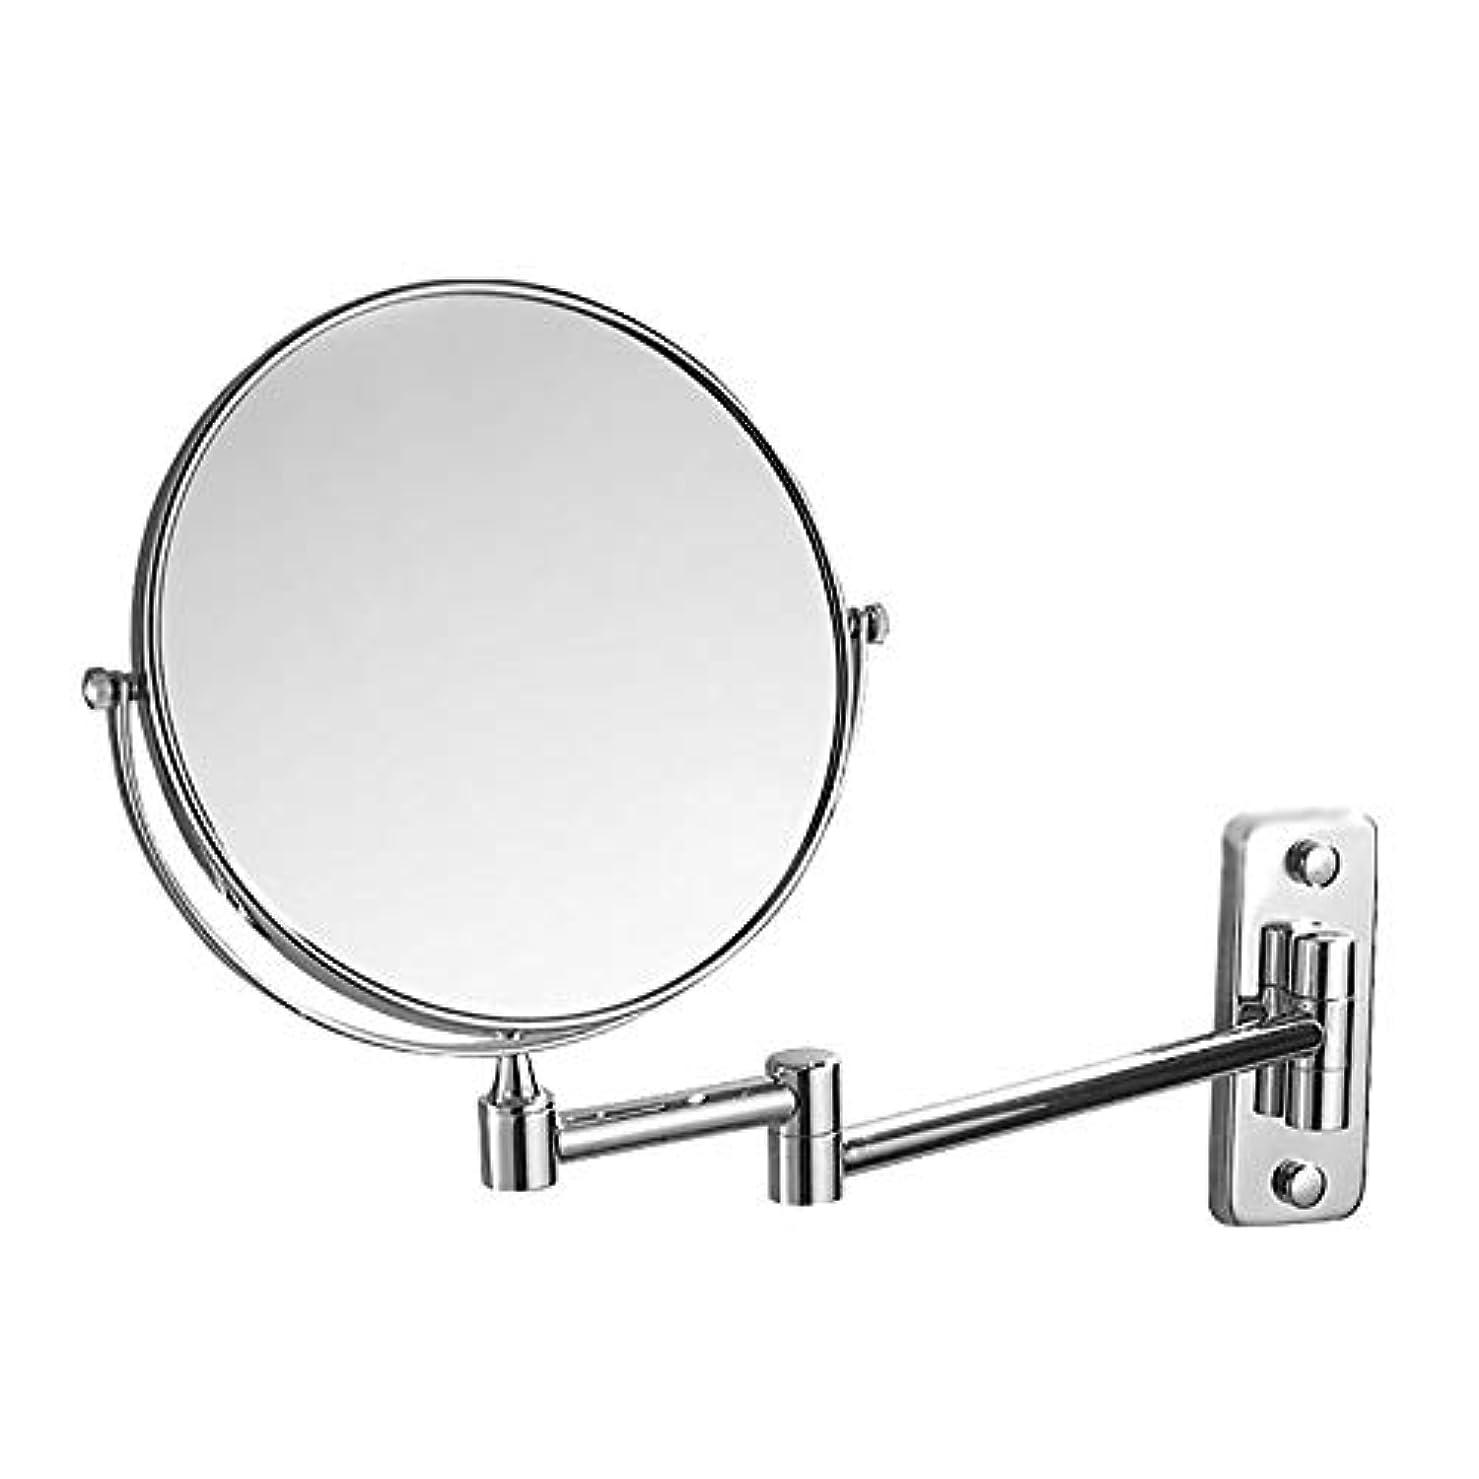 ローマ人見かけ上葉を拾う化粧鏡拡大両面鏡壁掛け折りたたみ化粧鏡